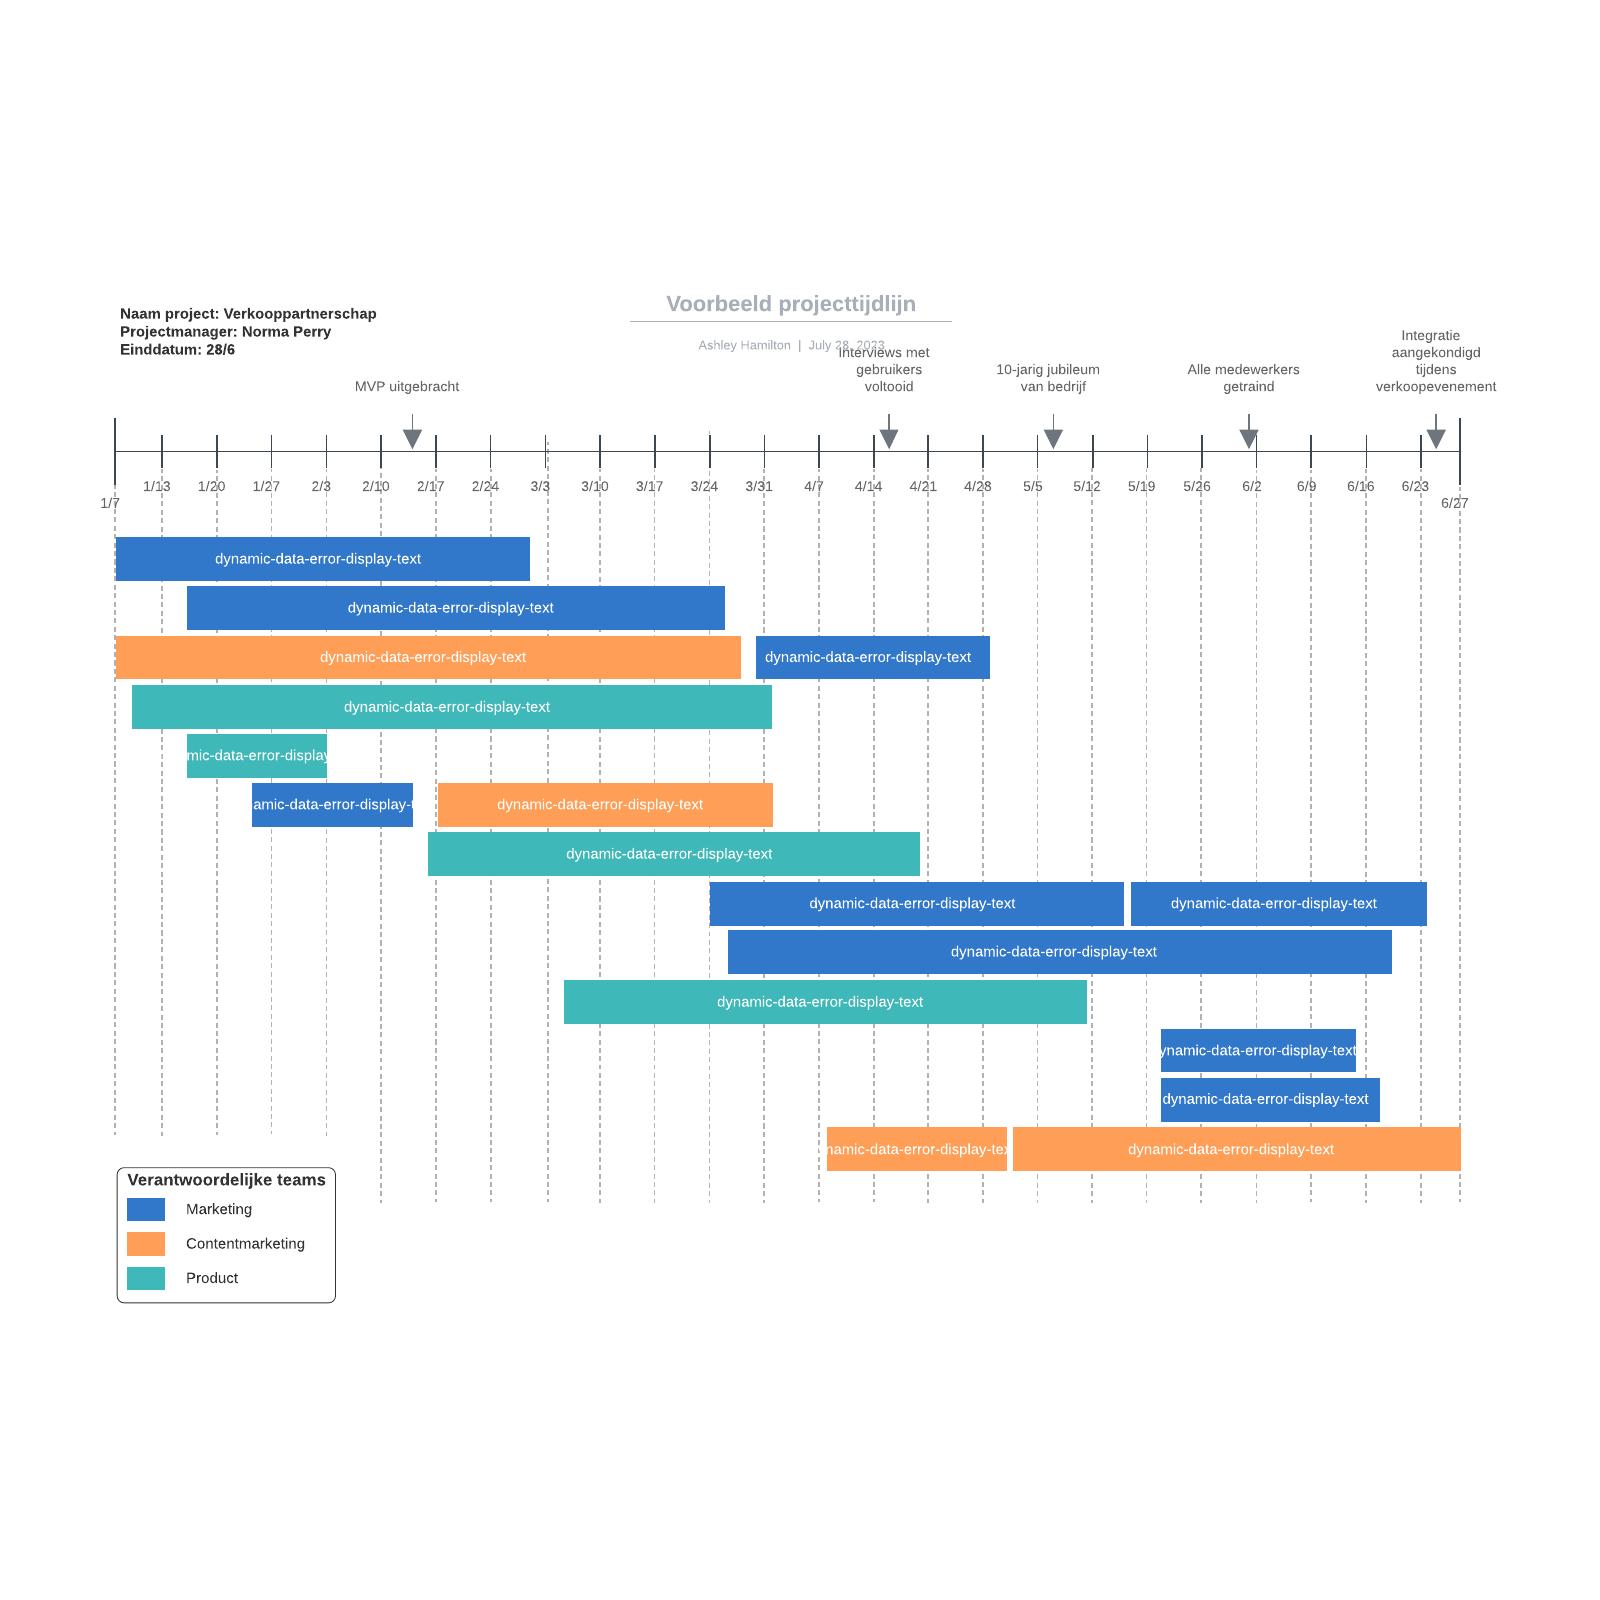 Voorbeeld projecttijdlijn